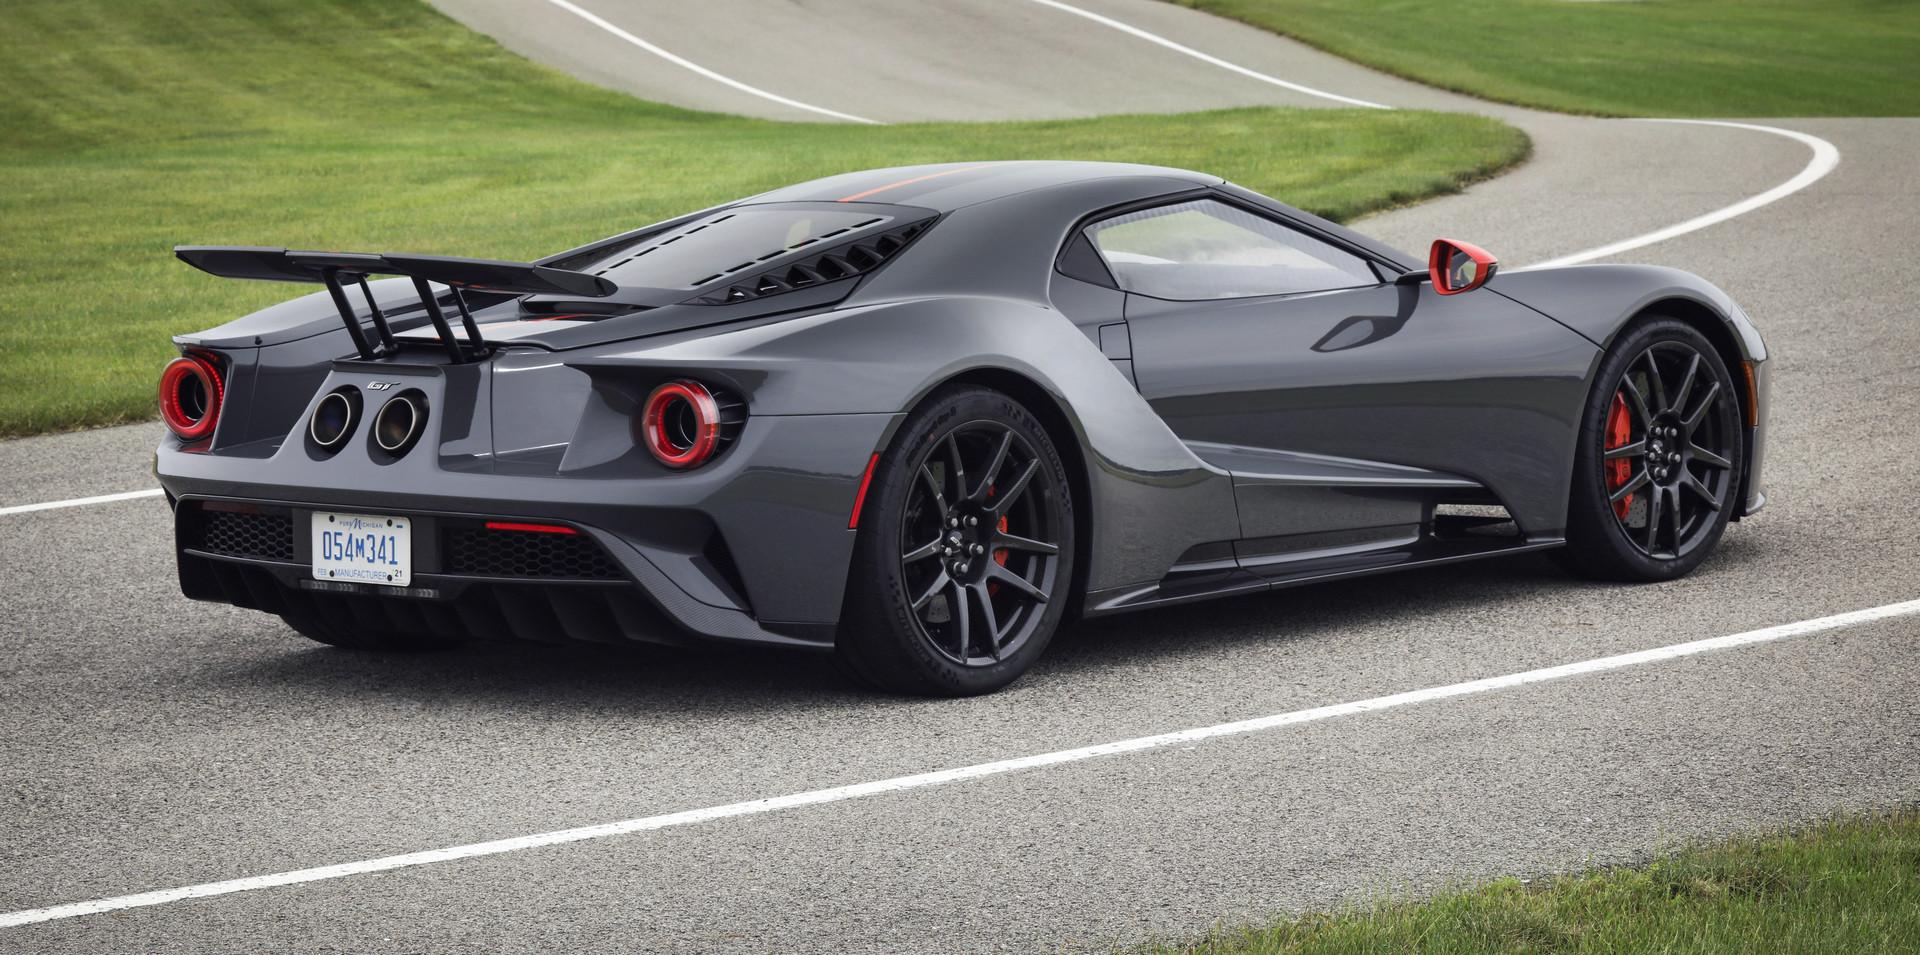 Клиенты, у которых есть заказ на Ford GT, теперь могут конвертировать его в Ford GT Carbon Series. Каждую неделю Ford будет выпускать по одной из этих специальных моделей. Увеличенный производственный пробег из 350 автомобилей будет заполнен через уж